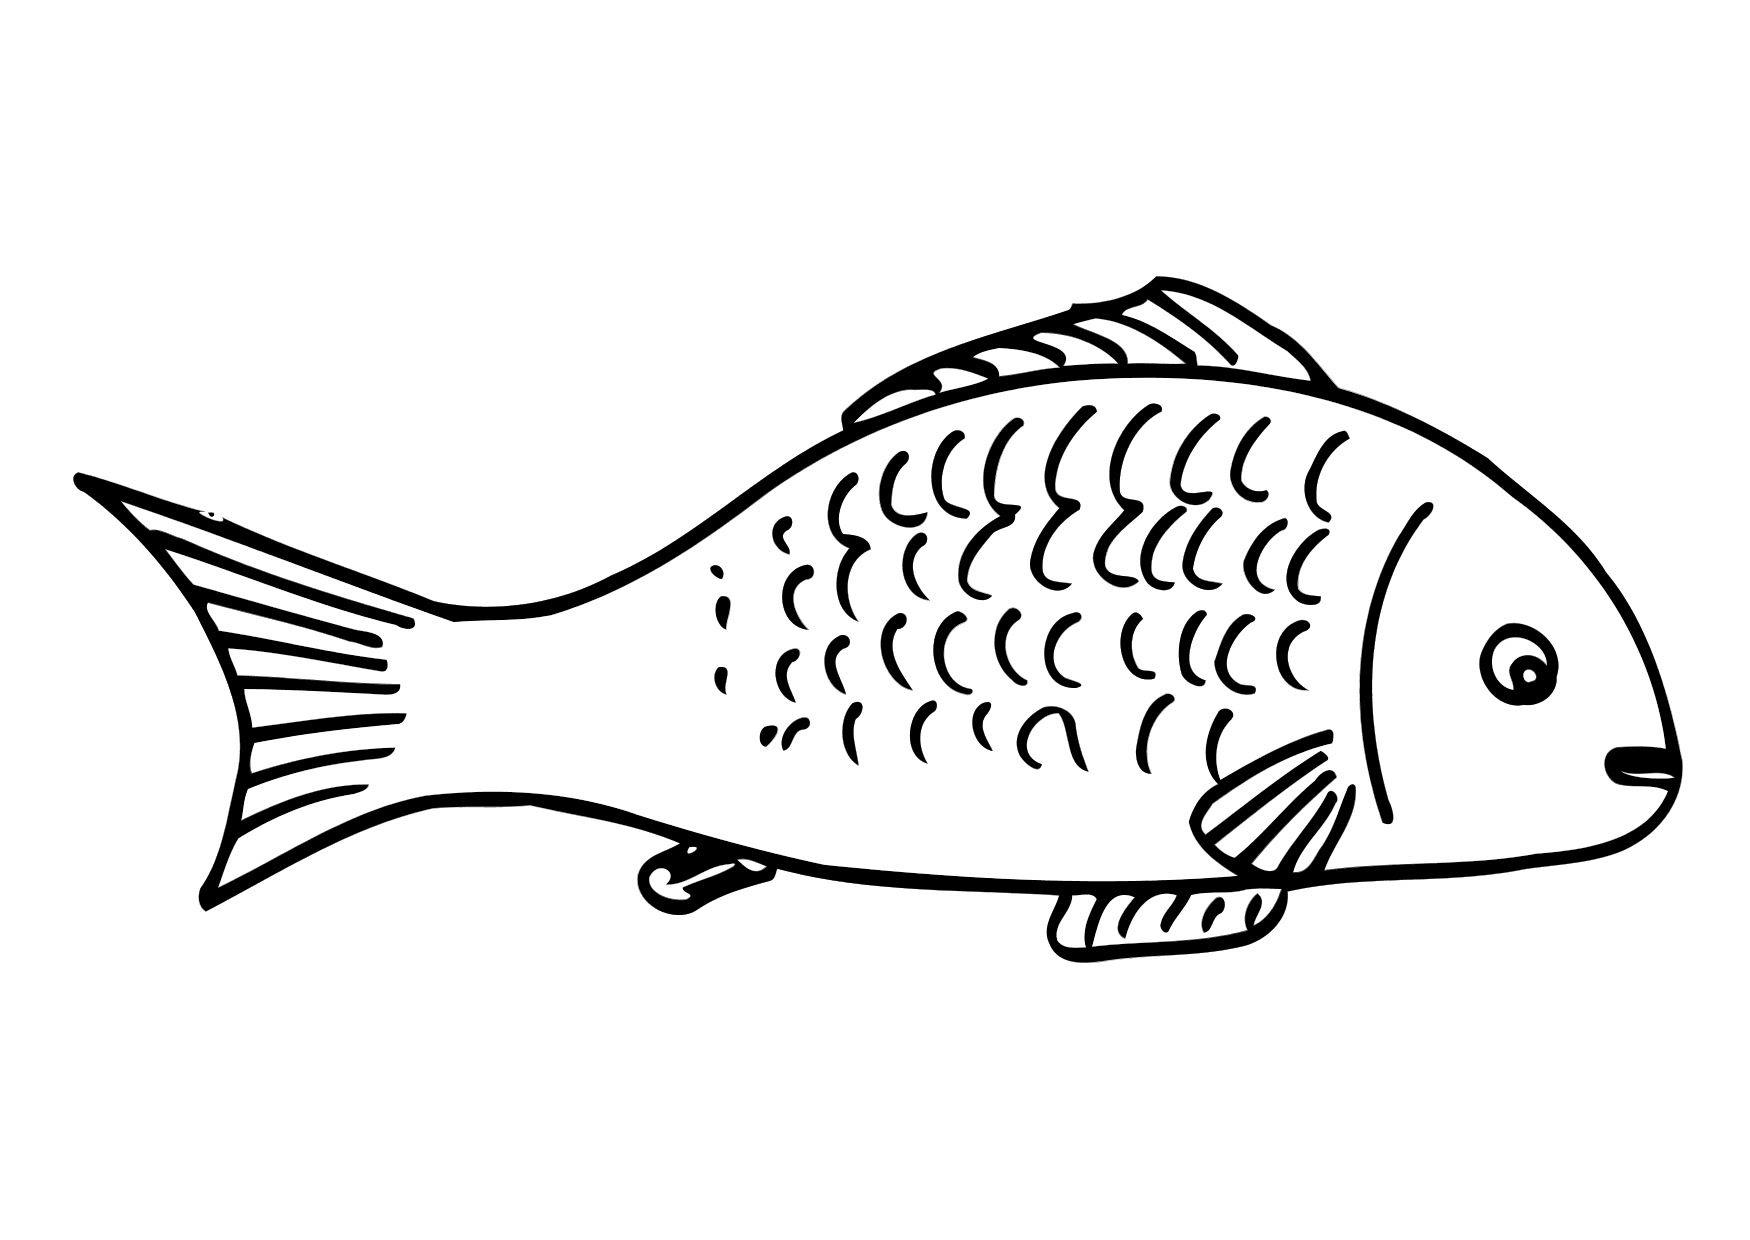 106 Dibujos De Pescado Para Colorear Oh Kids Page 9